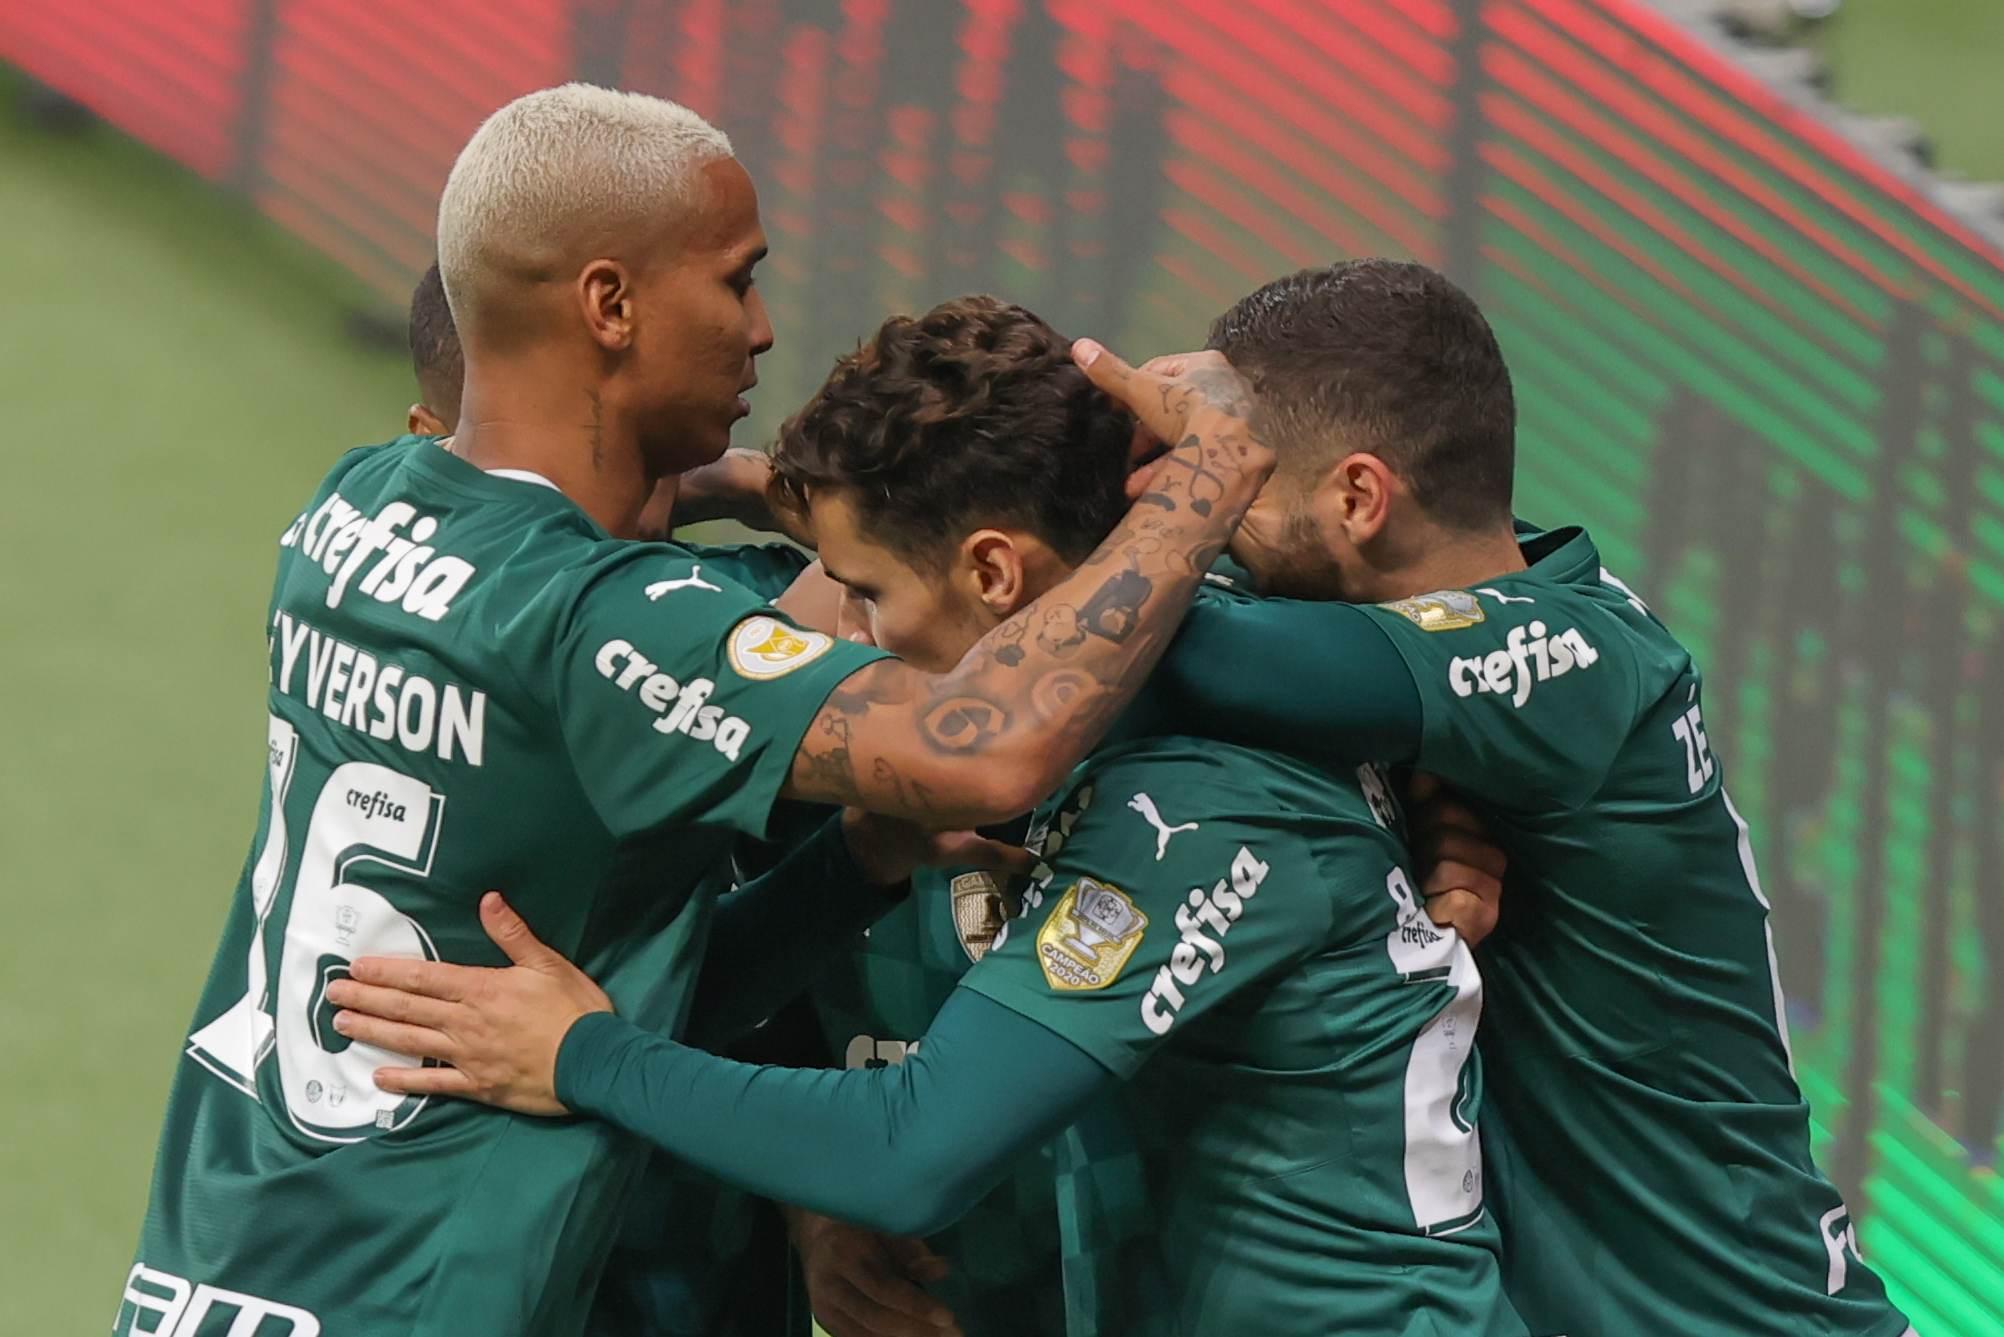 Jogadores do Palmeiras comemoram o gol contra o Fluminense